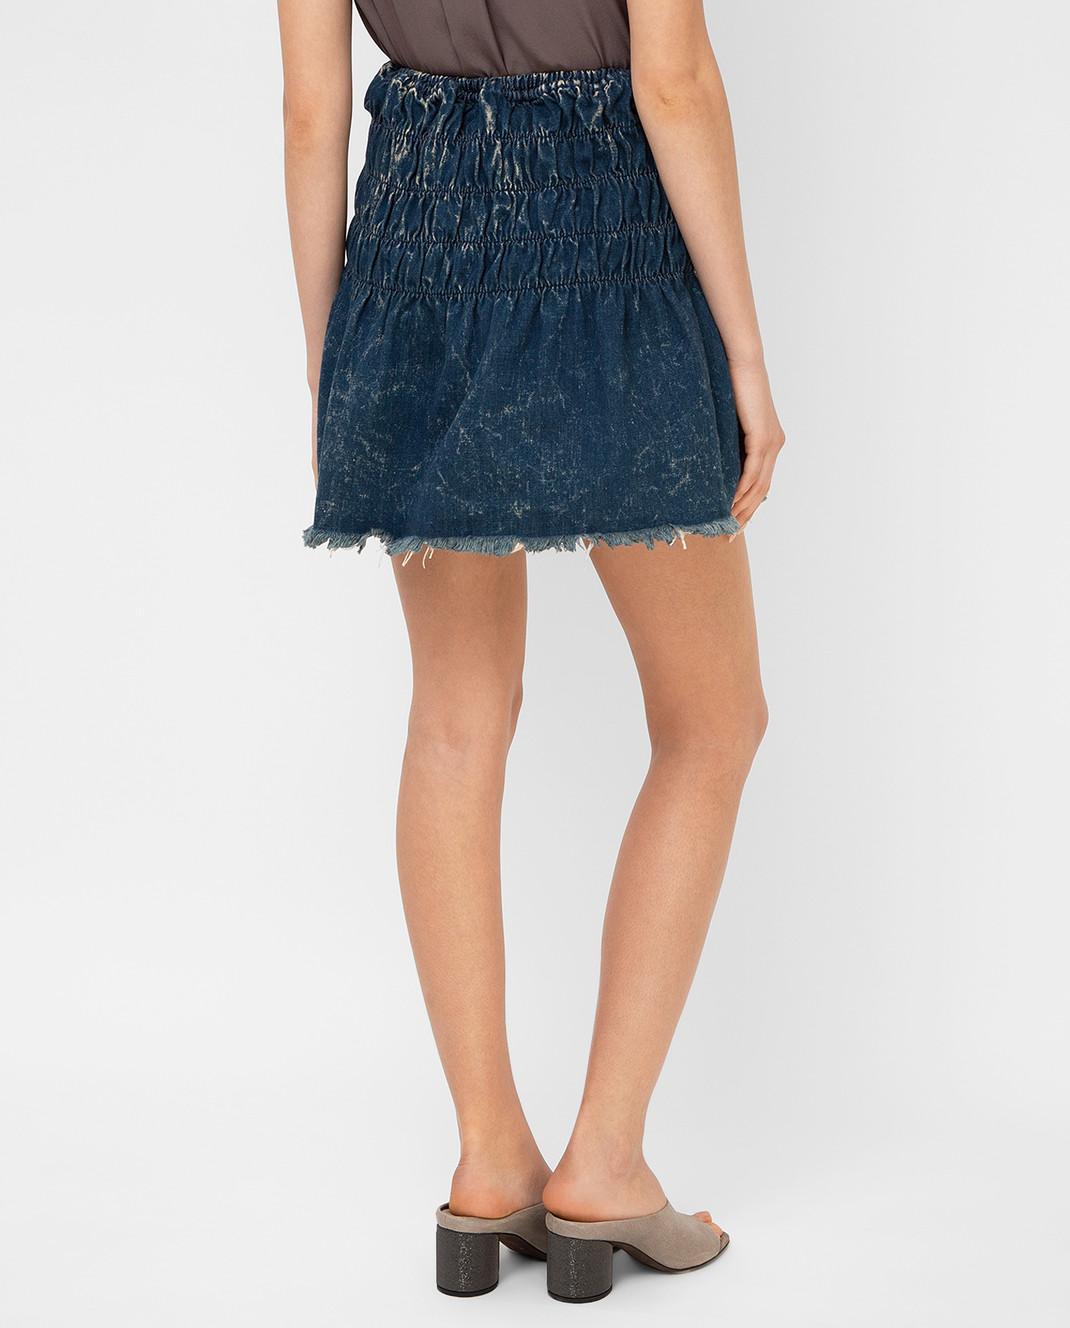 Chloe Темно-синяя джинсовая юбка 16EDJ02 изображение 4